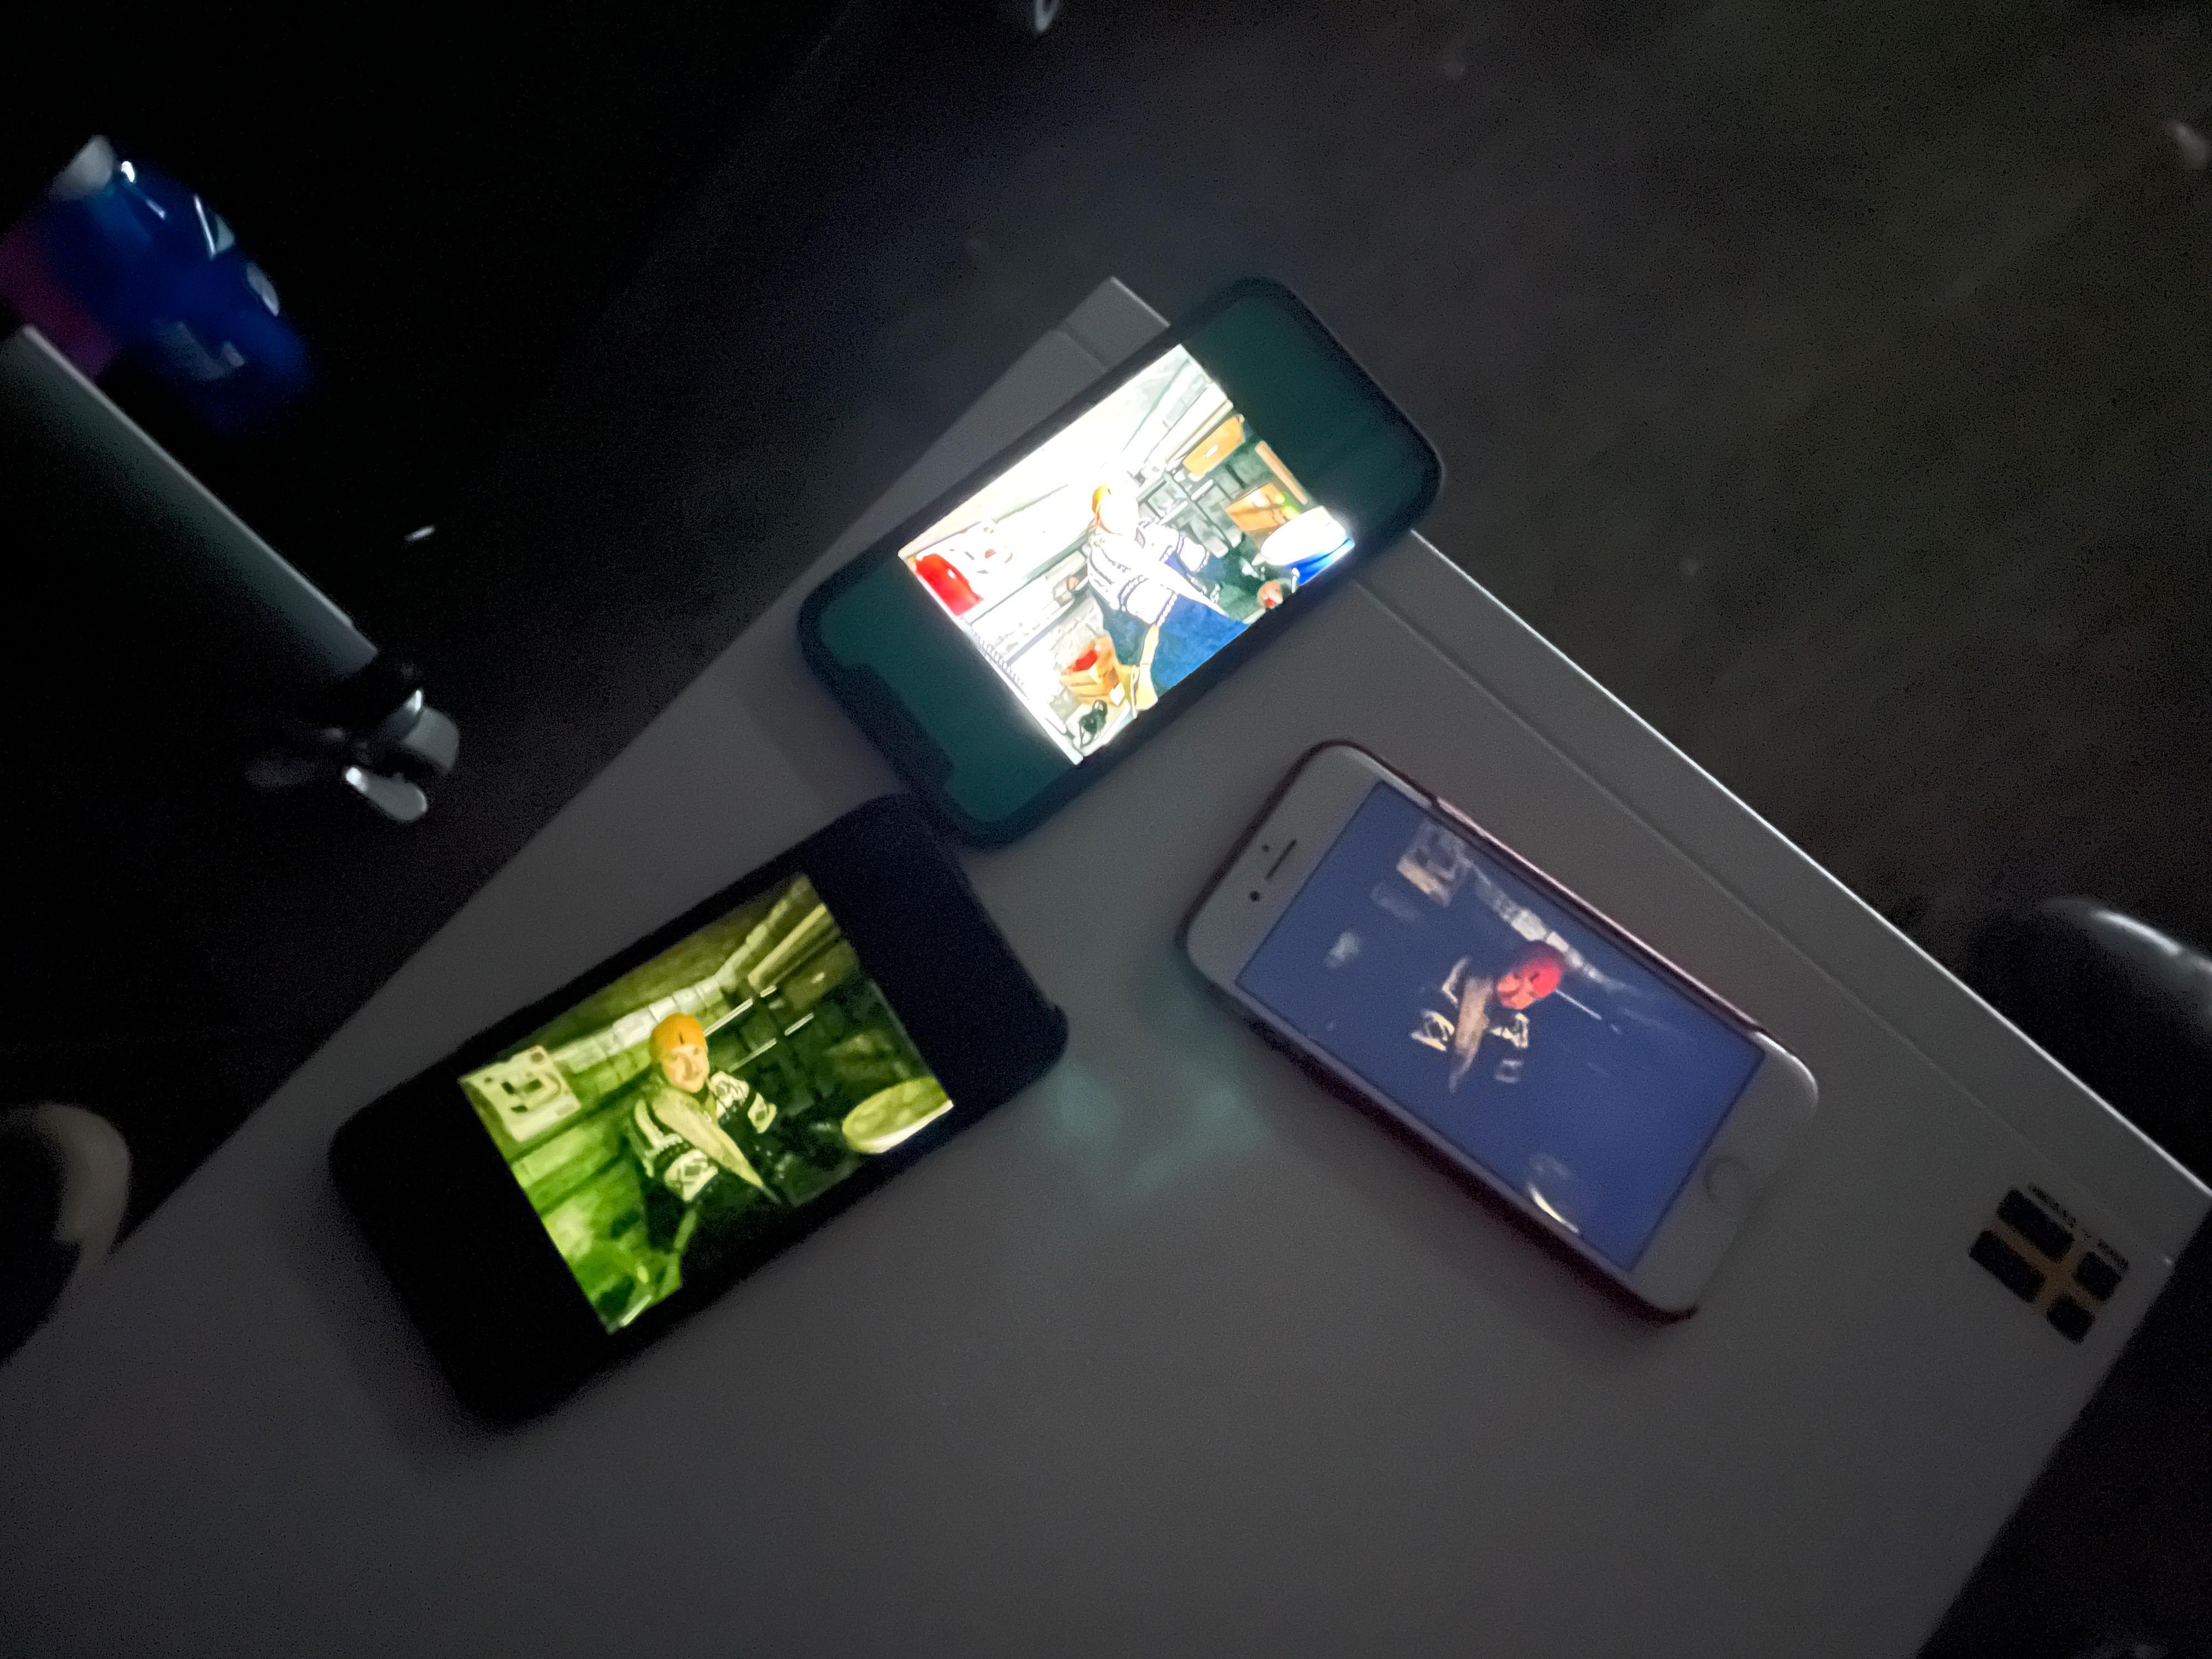 iPhone 8, iPhone 11 Pro Max og iPhone 12 Pro fikk ta det samme portrettbildet i mørket. Kan du gjette plasseringen til de ulike modellene? Forskjellene i lysfølsomhet fra gammel til ny er faktisk så store som de ser ut.